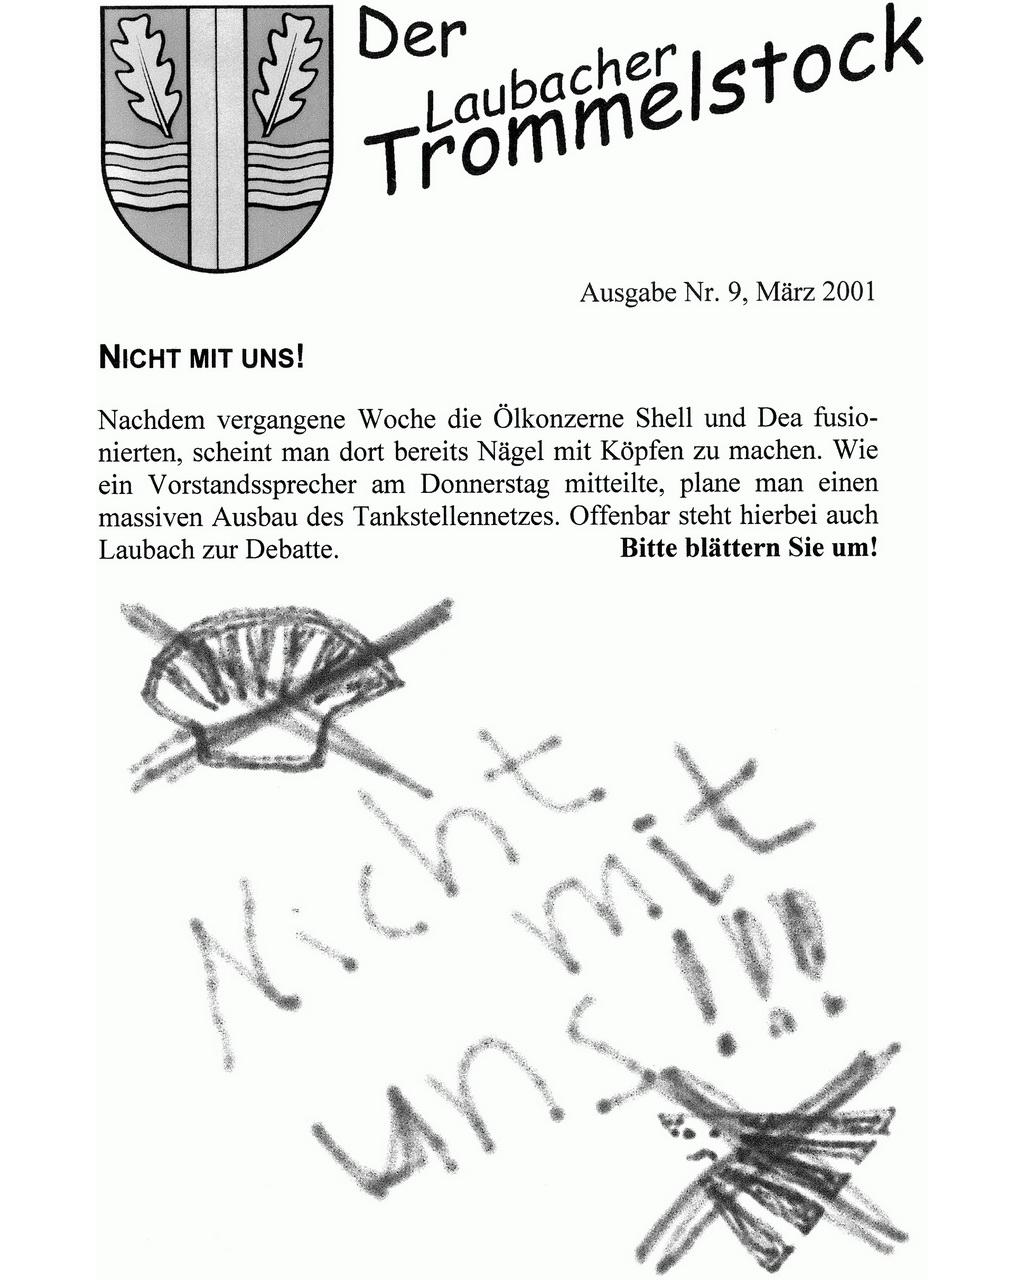 Laubacher-Trommelstock-Titelseite-009b